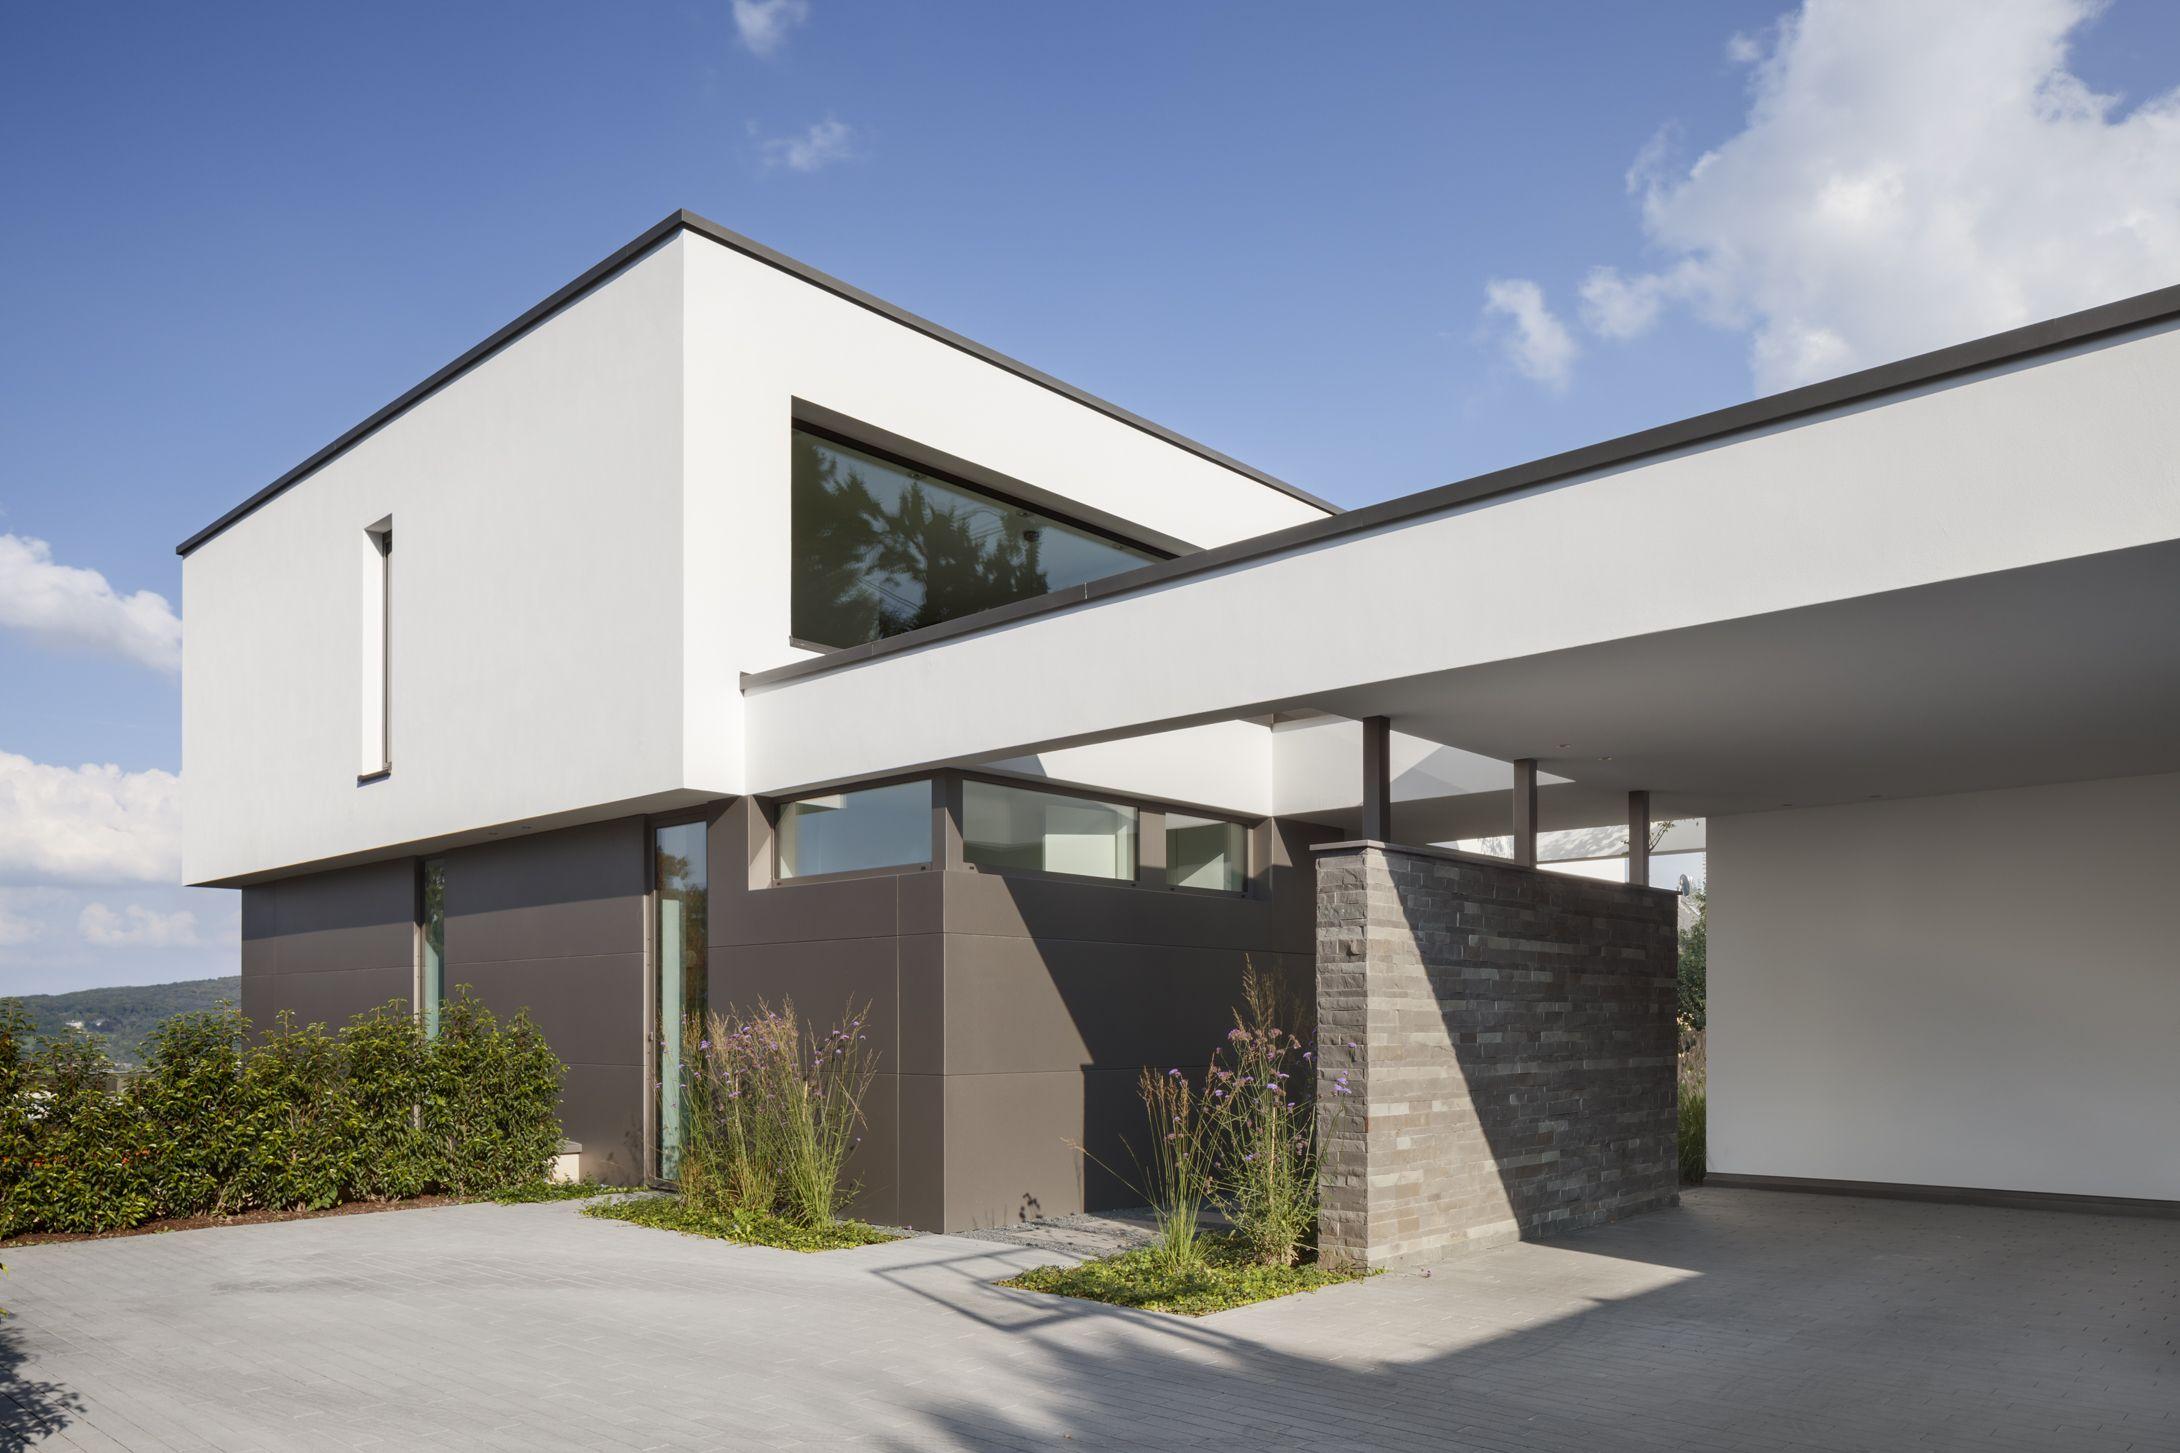 Moderne Architektur Mit Offener Garage. Einfahrt Mit Palladio Von Metten  Verlegt. Hochwertige Materialien.